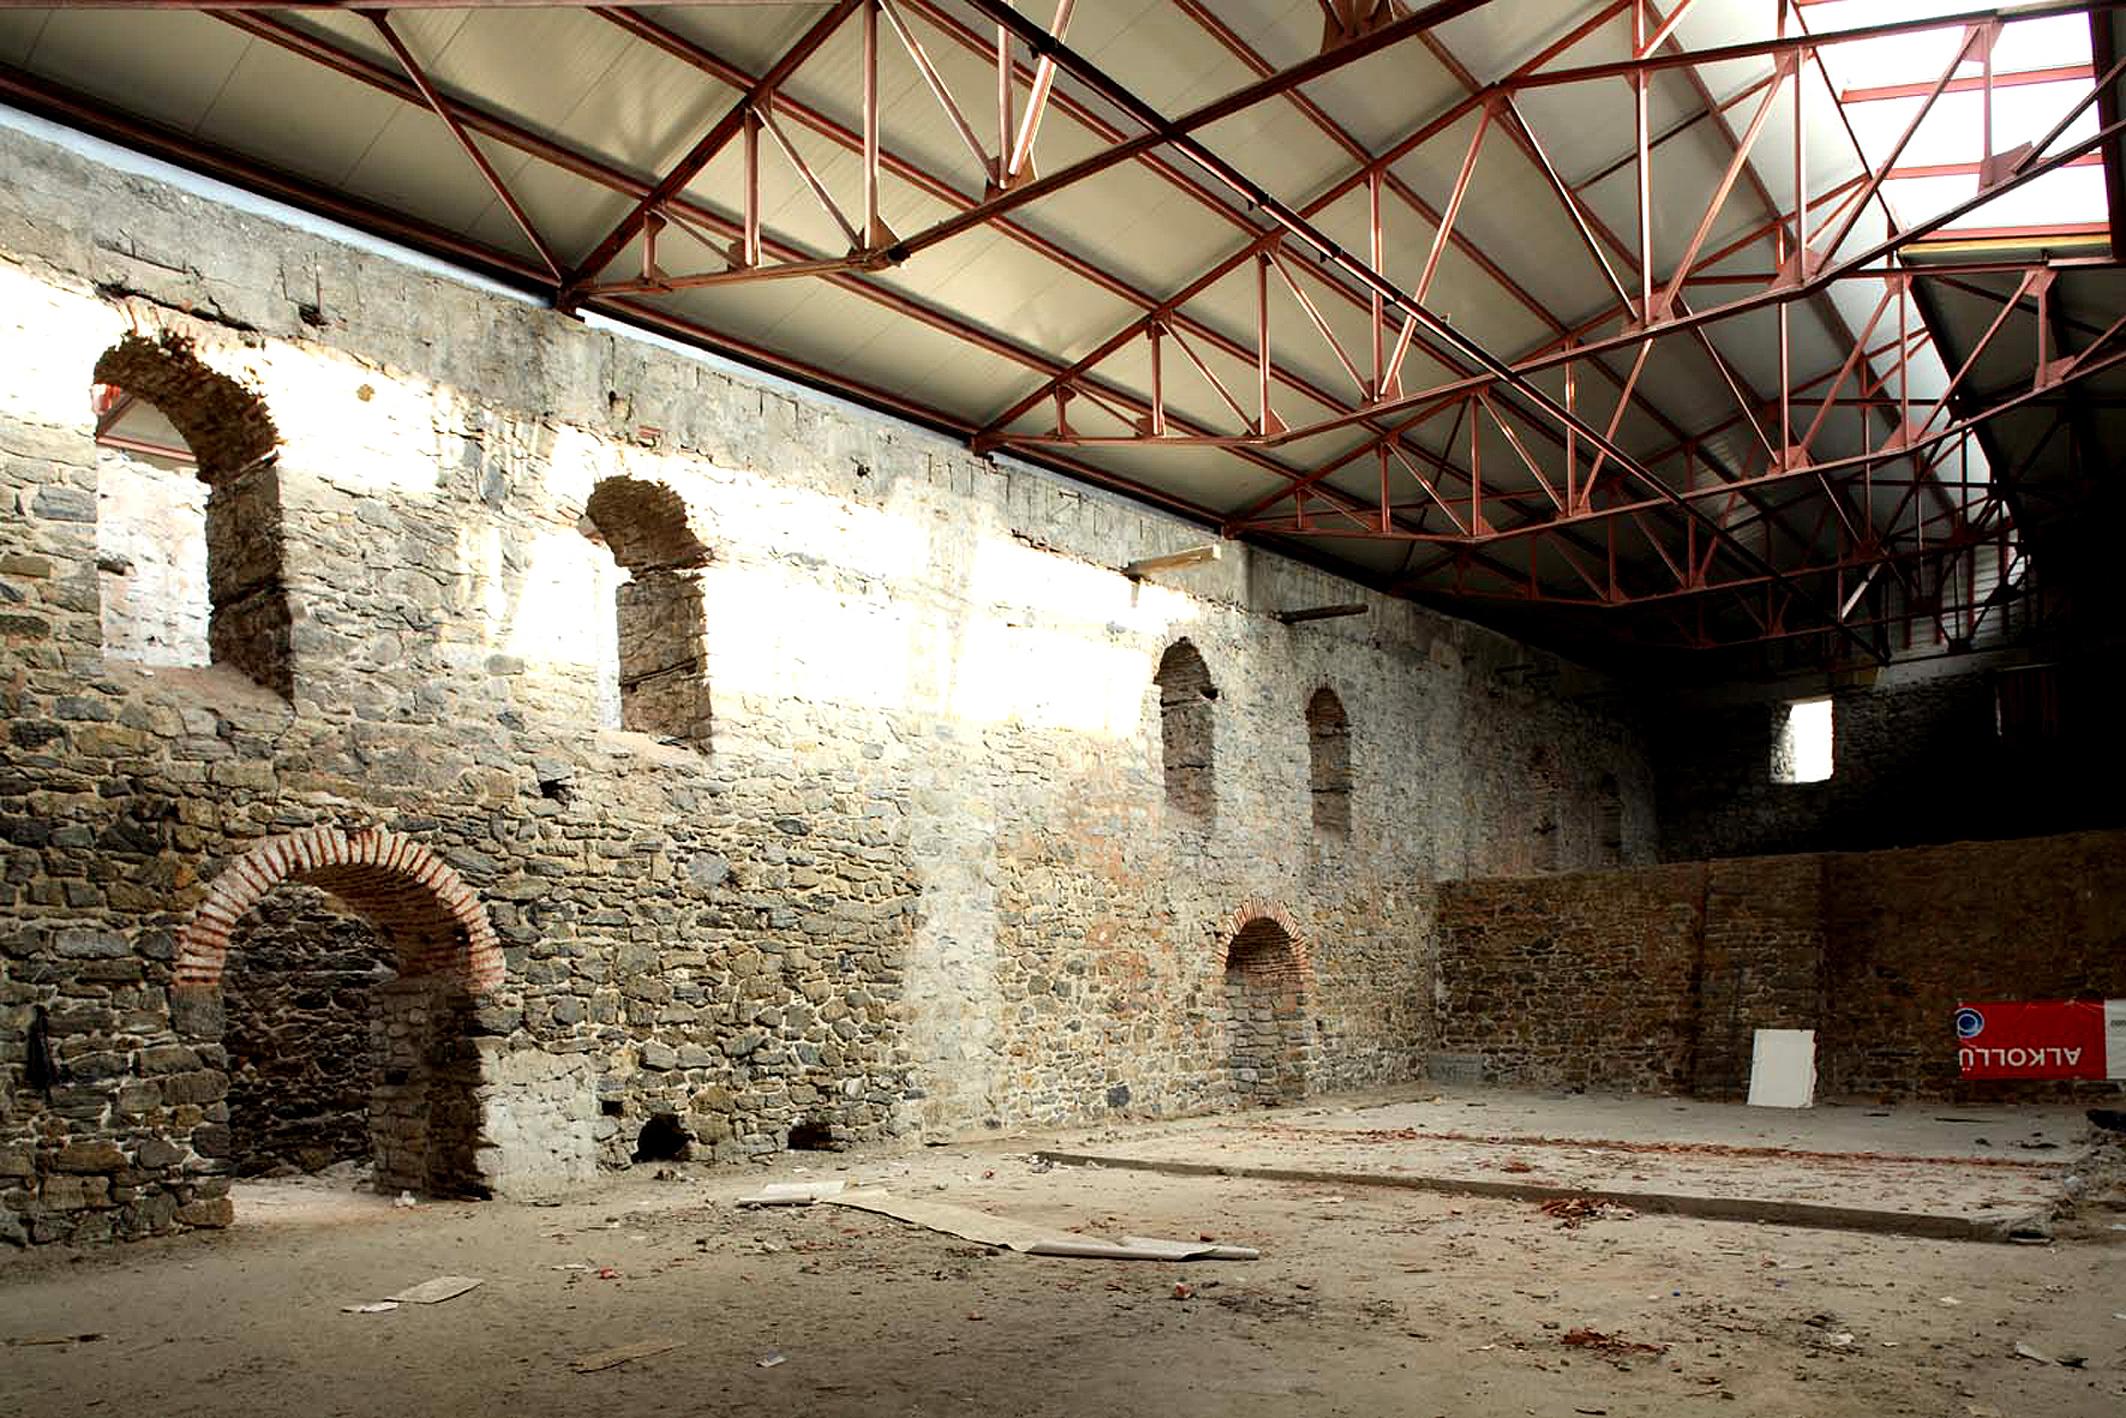 Illuminazione Facciate Edifici Storici: Illuminazione facciate edifici storic...